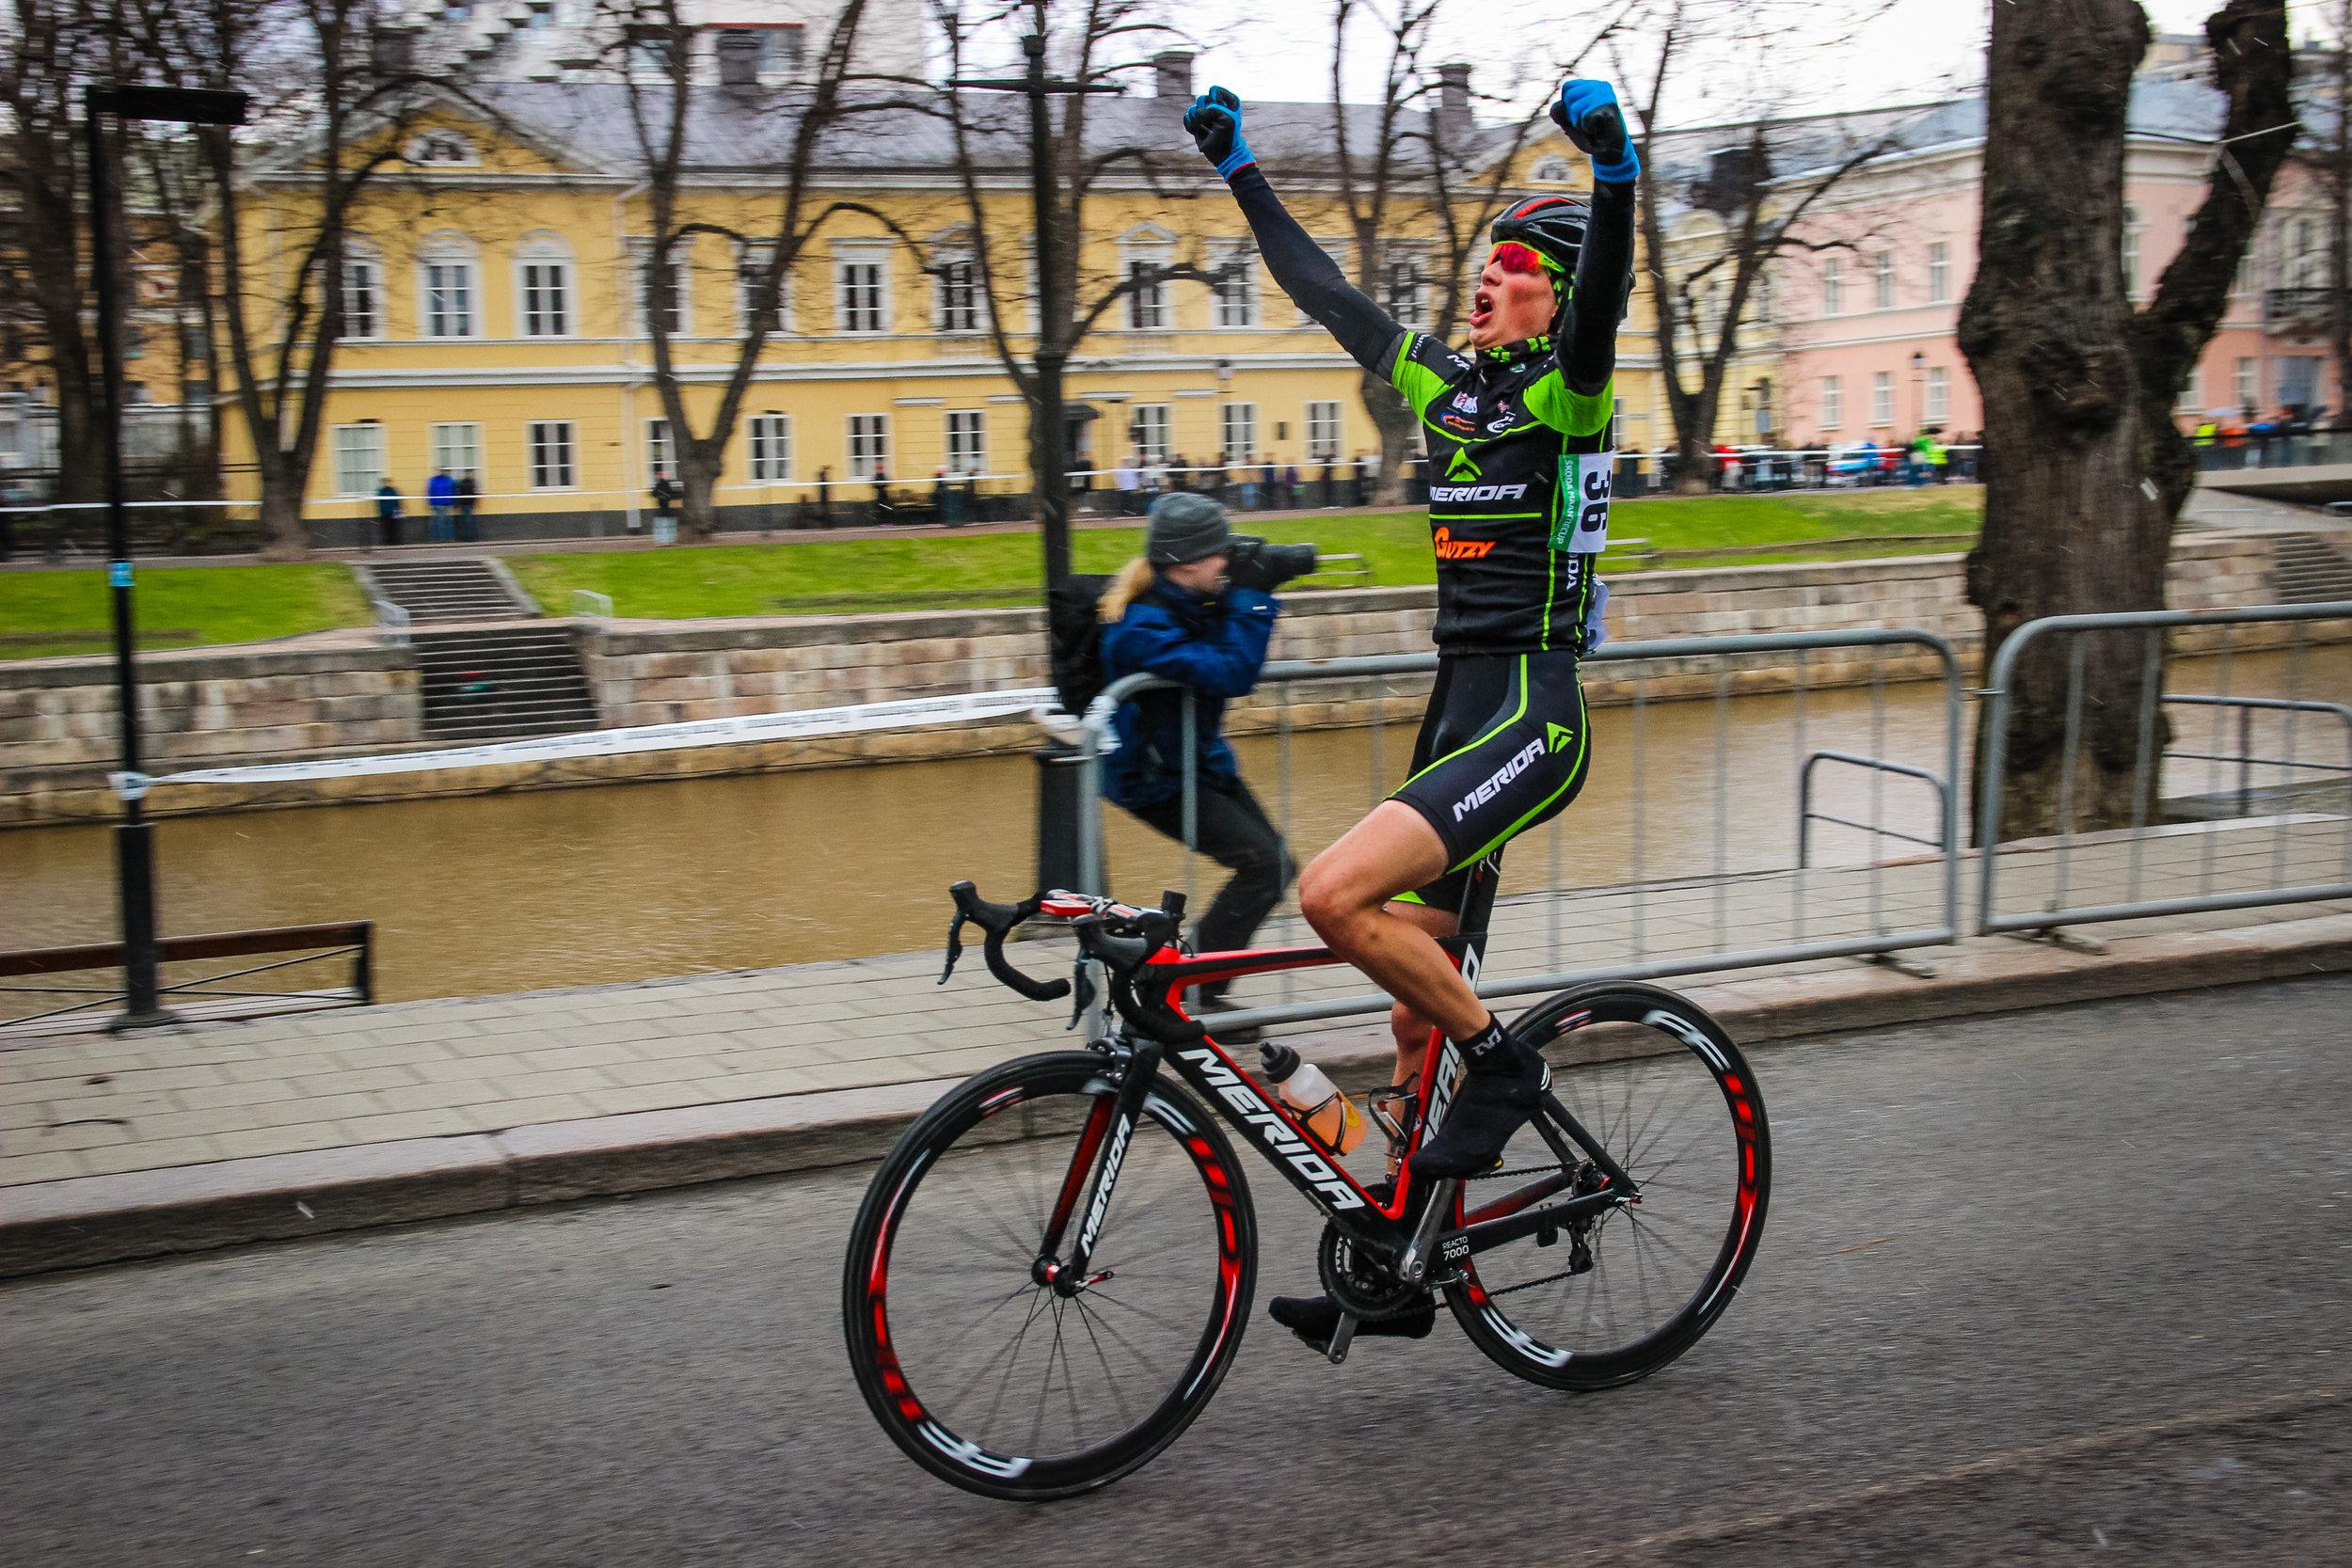 Jaakko Hänninen won the race with a great solo performance.